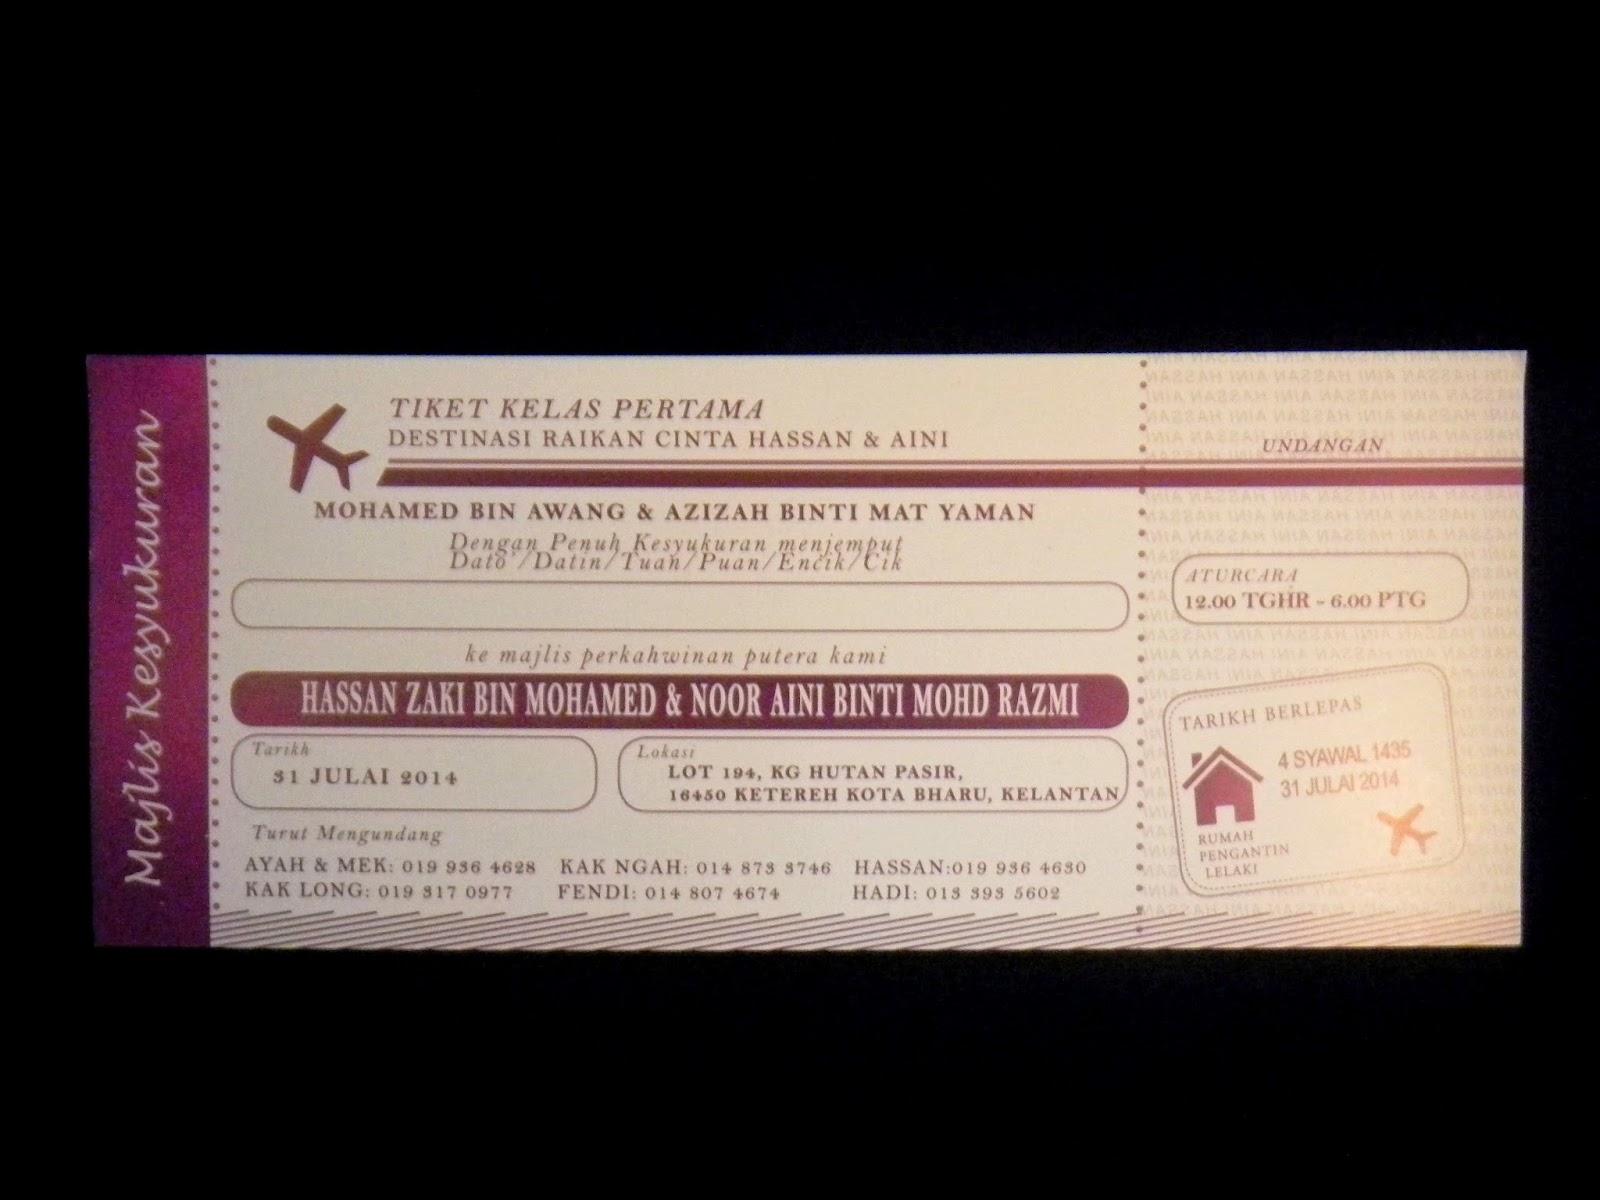 Kad Kahwin Tiket Kapal Terbang Percetakan Al Hikmah